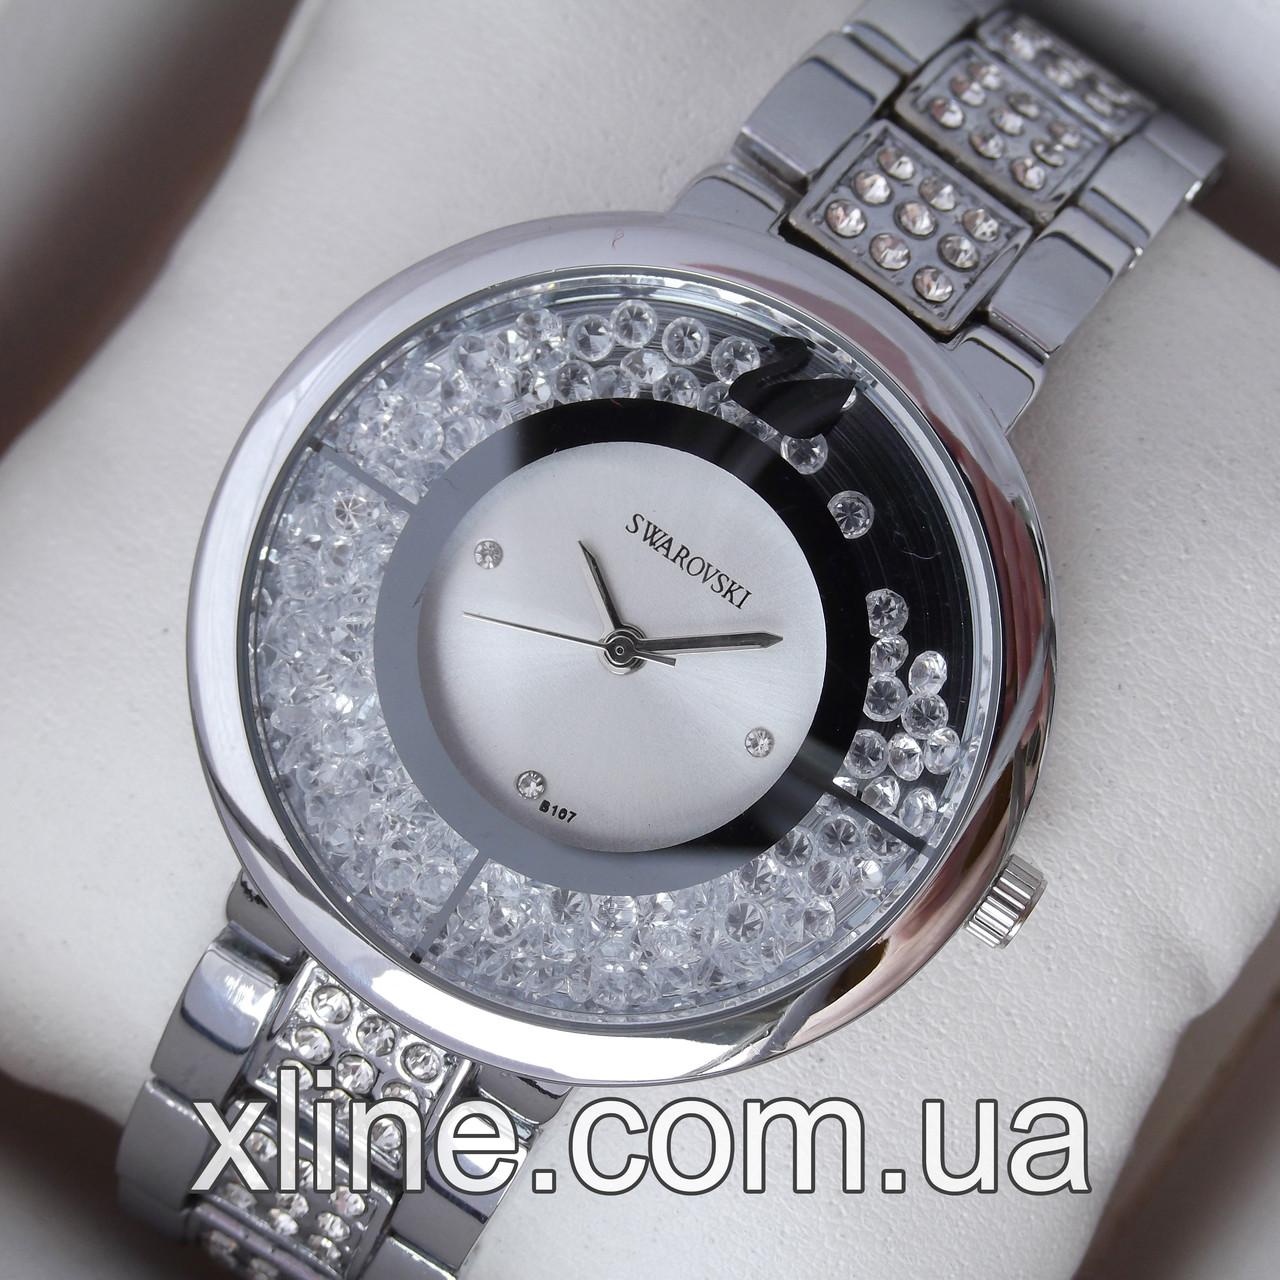 b86d5ab6 Женские наручные часы Swarovski B107 на металлическом браслете - XLINE в  Харькове